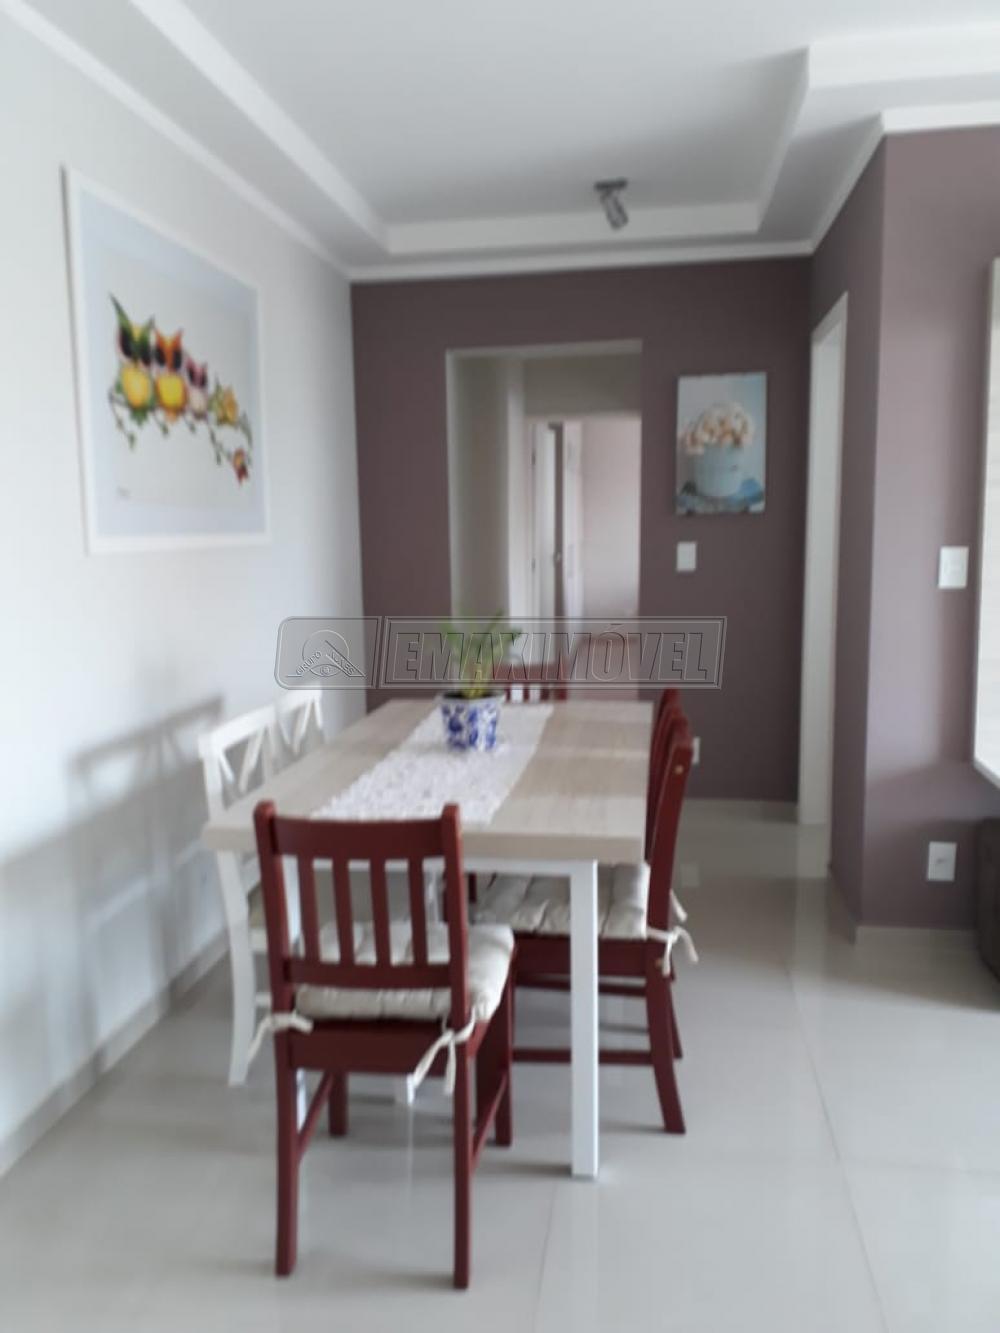 Comprar Apartamento / Padrão em Sorocaba R$ 348.000,00 - Foto 6